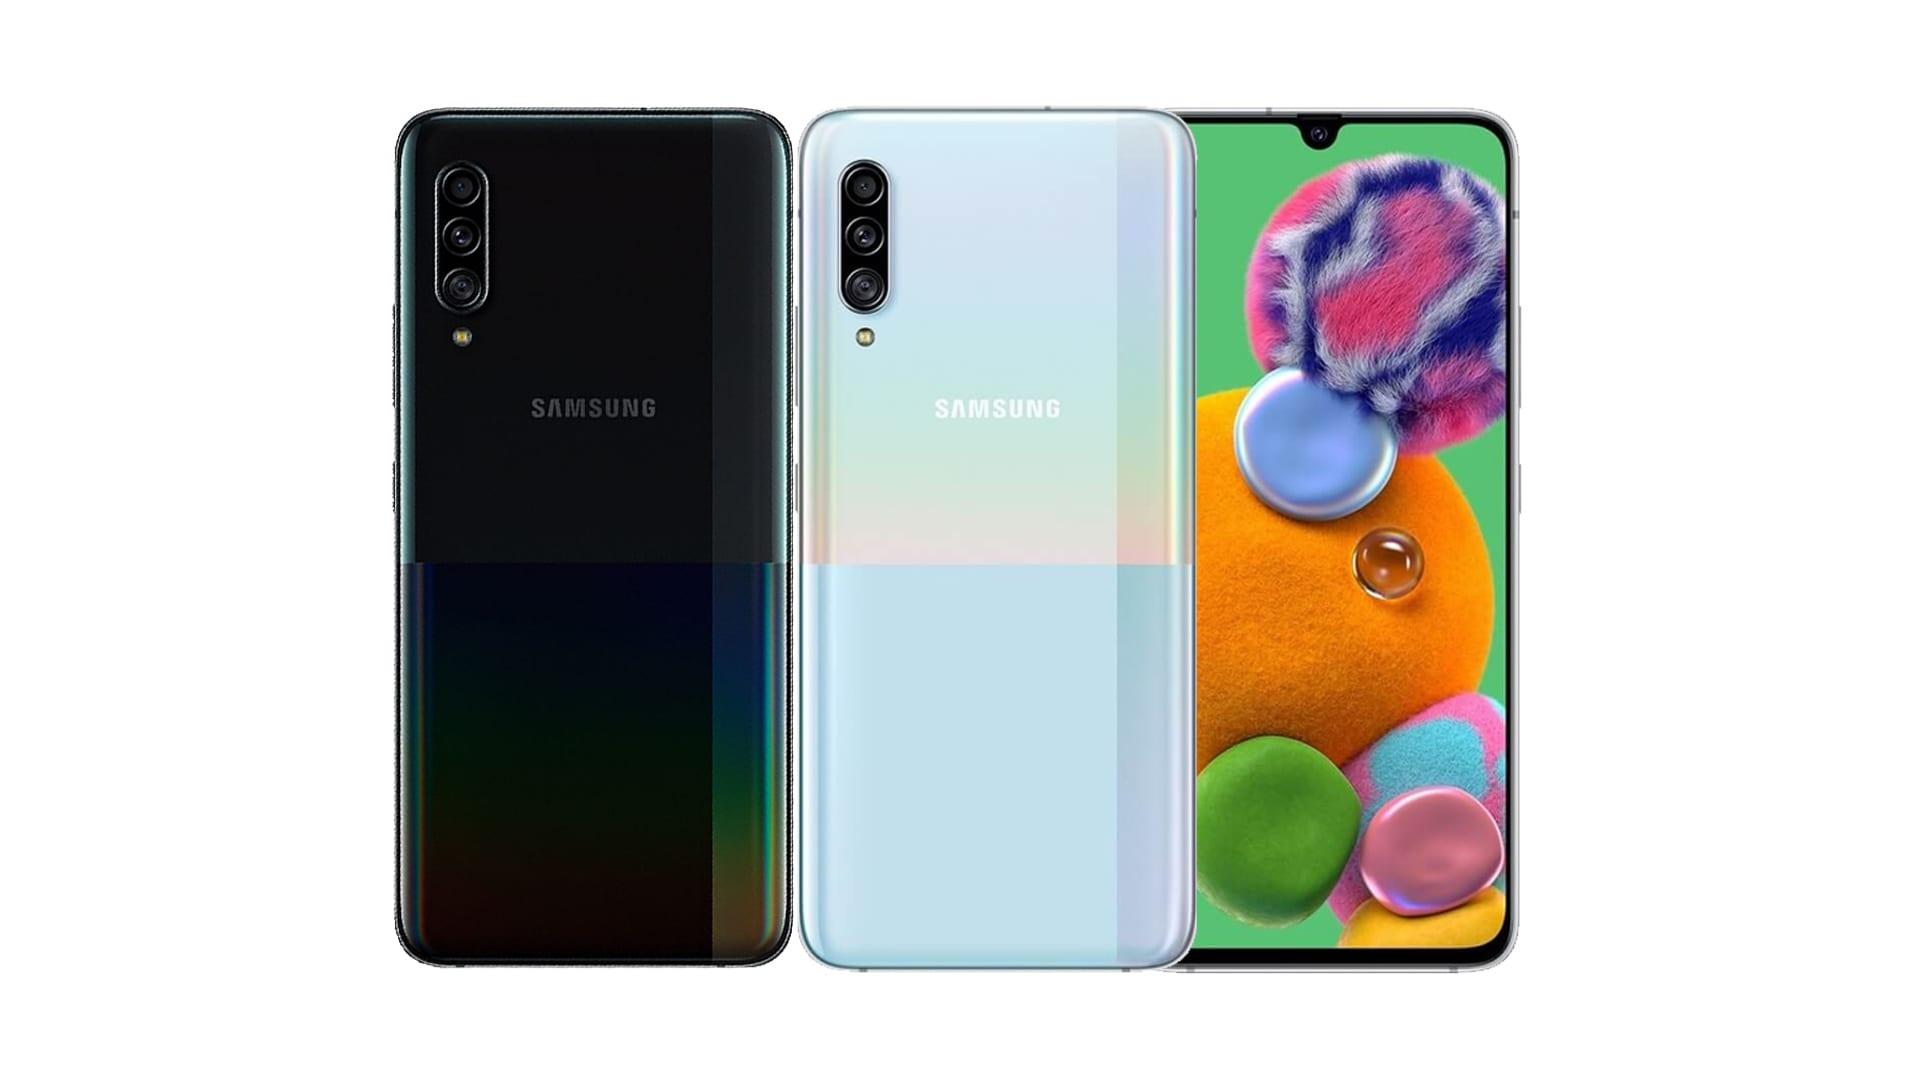 تسريب جديد يقول أن الهاتف القادم Galaxy A91 سيصل مع مواصفات راقية وسيدعم الشحن السريع بقوة 45W